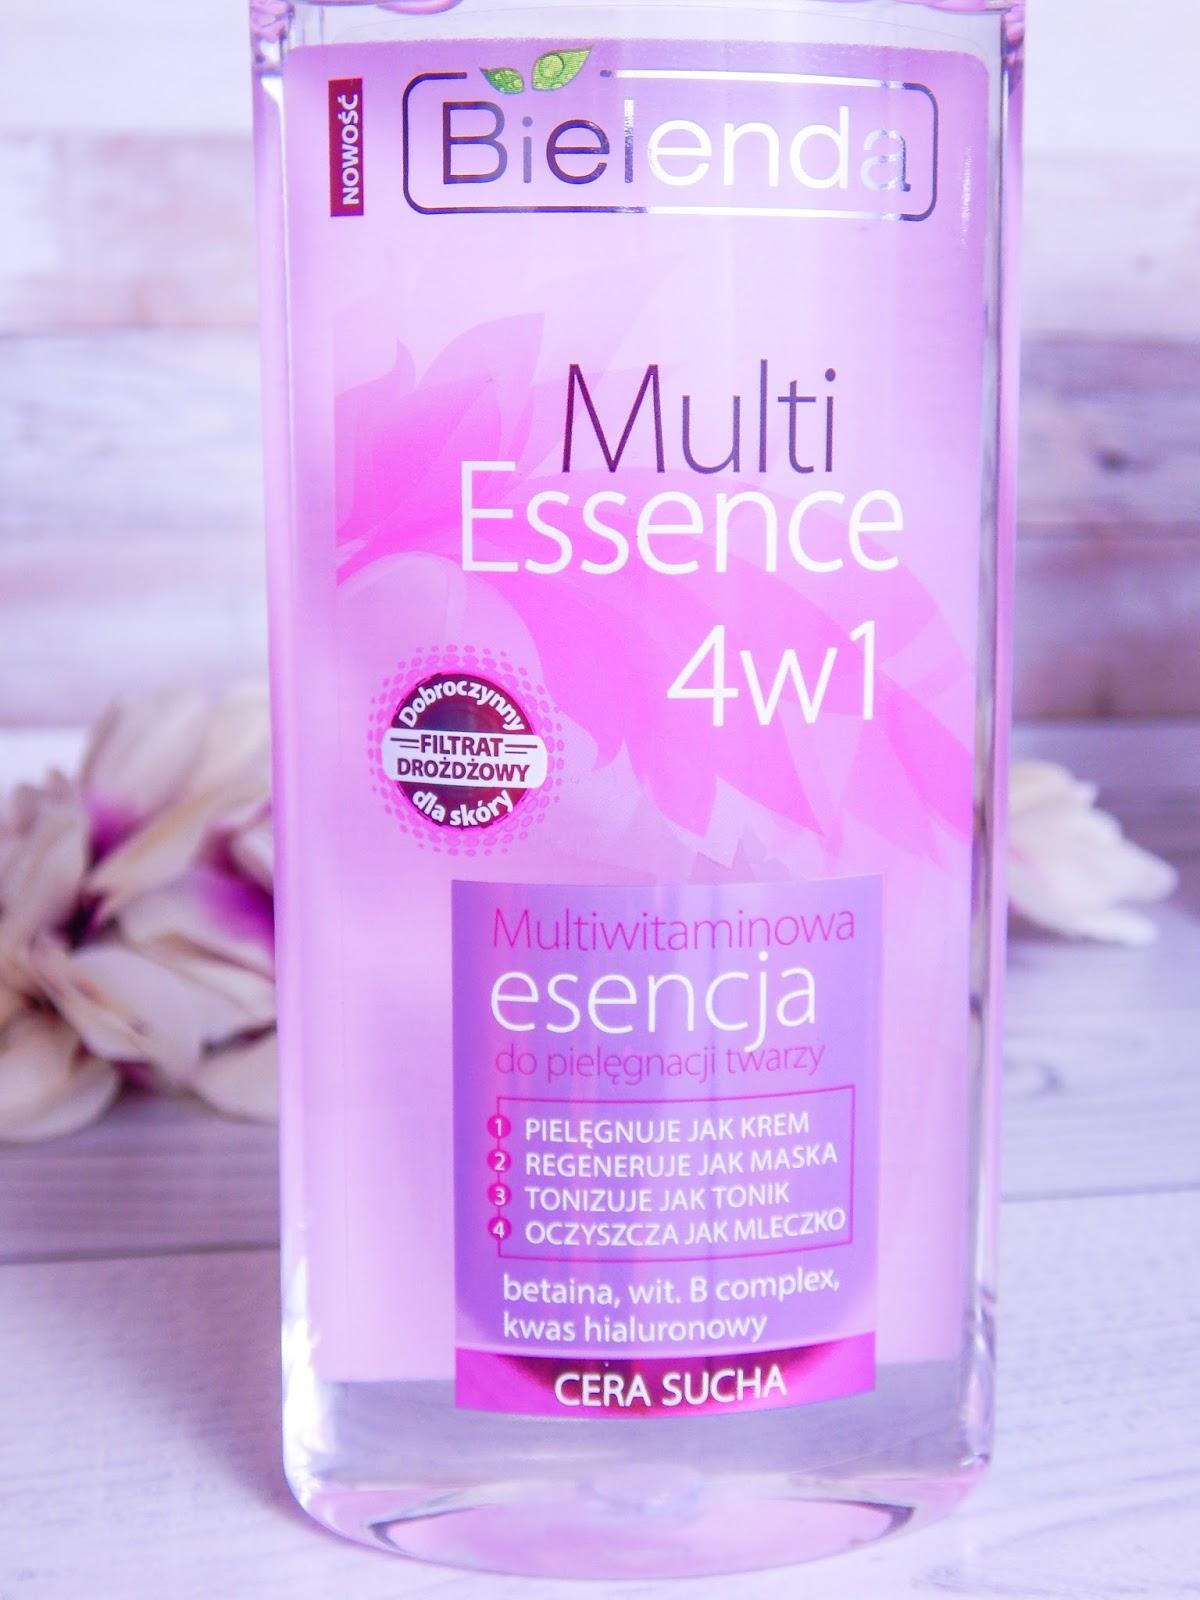 8 multi essence 4w1 bielenda recenzja multiwitamicowa esencja do pielęgnacji twarzy